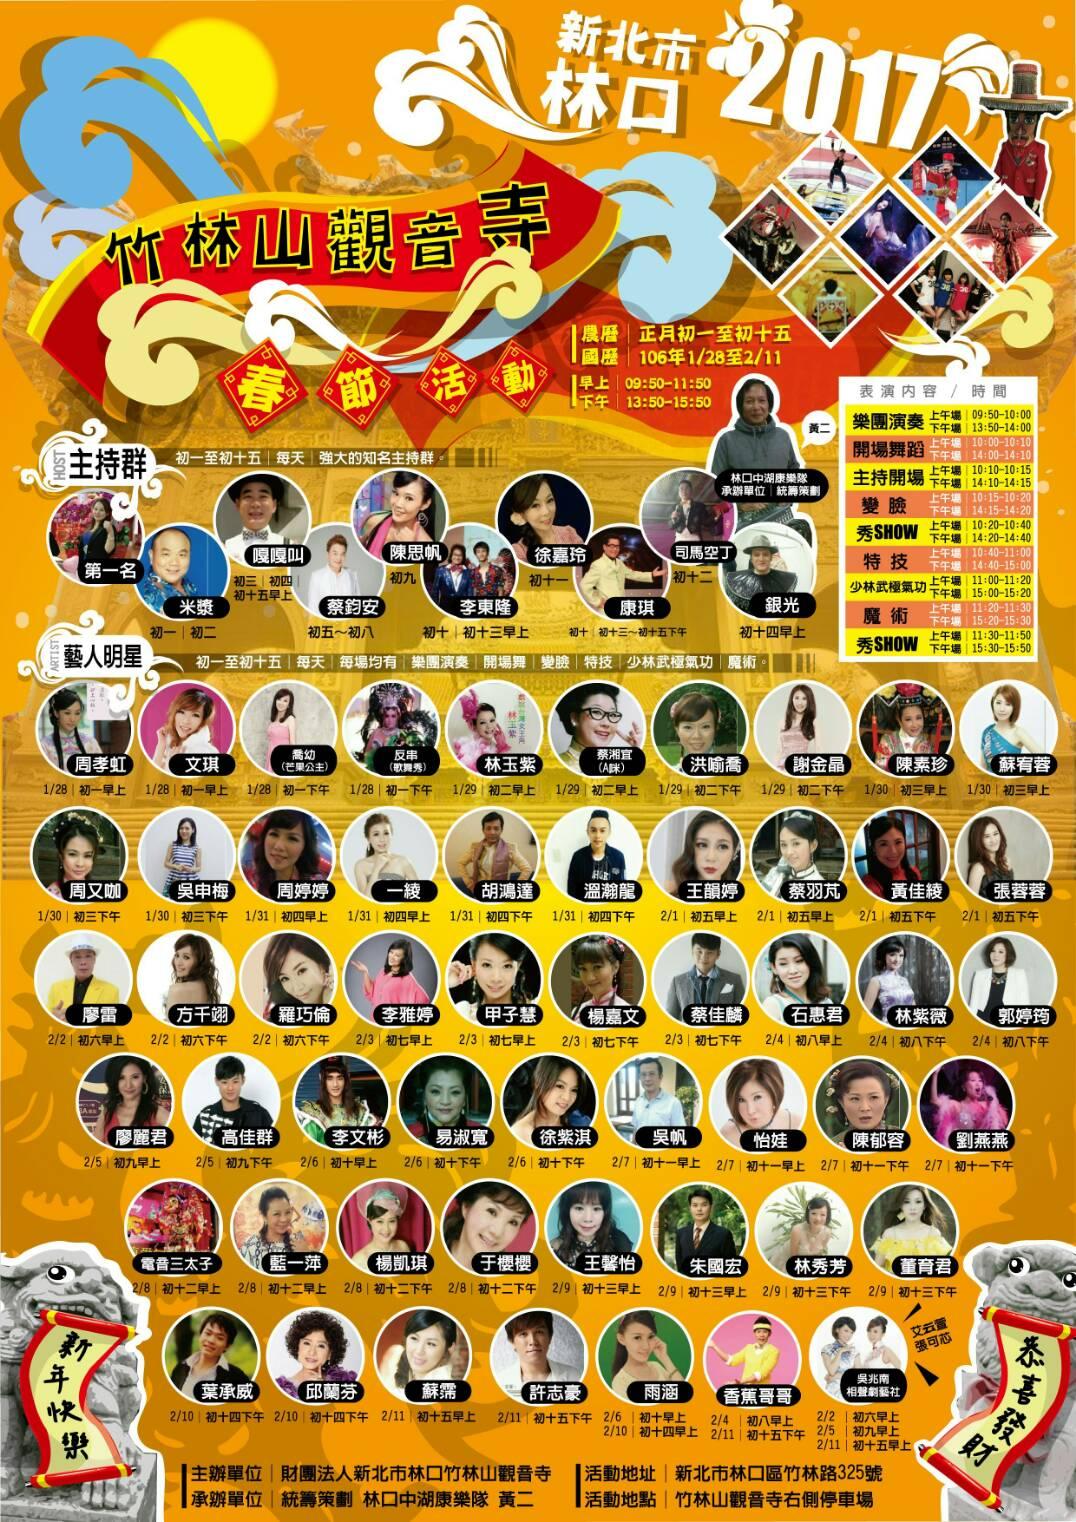 2017春節表演藝人明星演出表